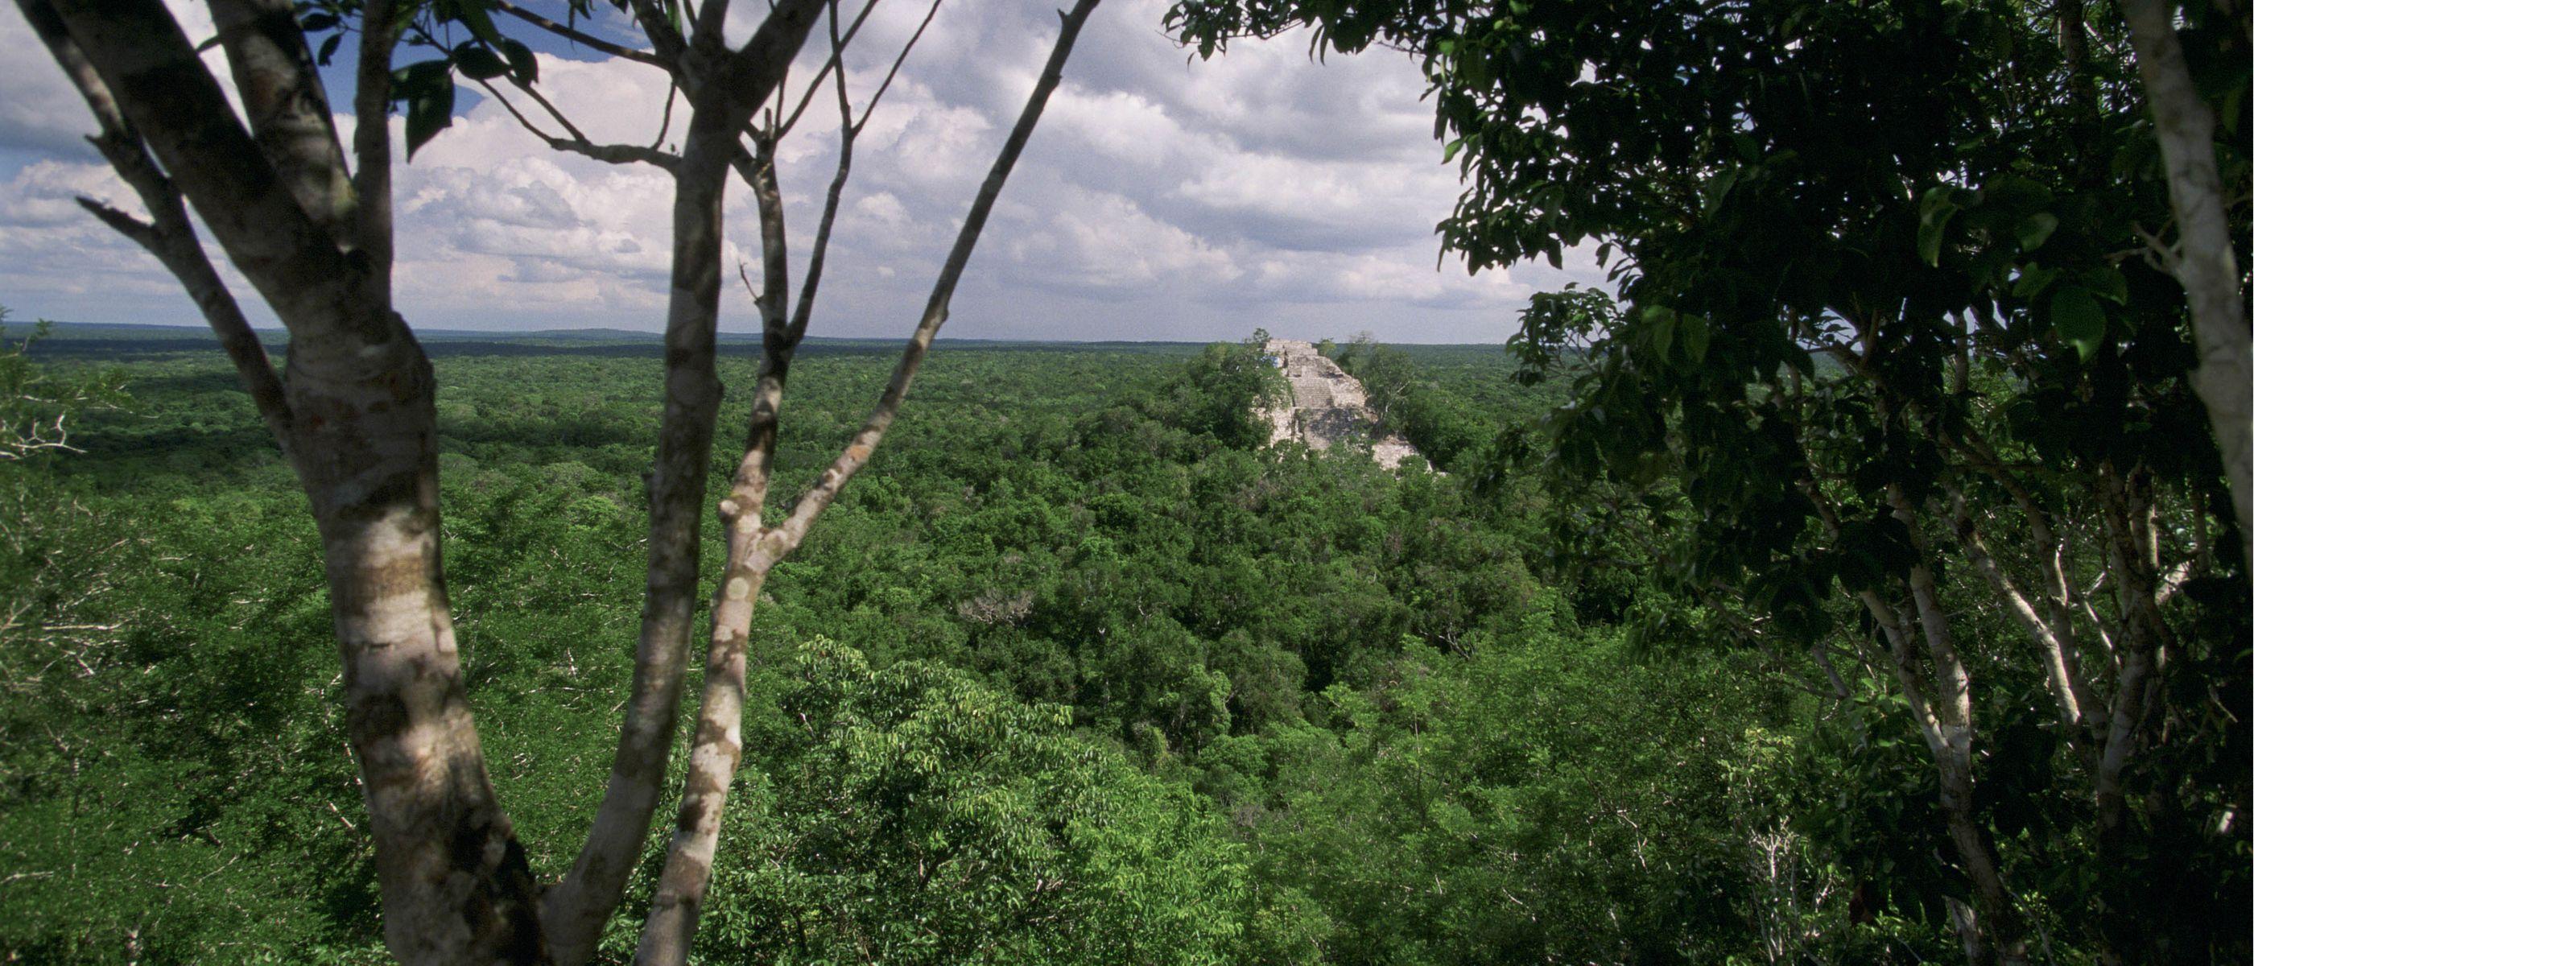 Maya forest